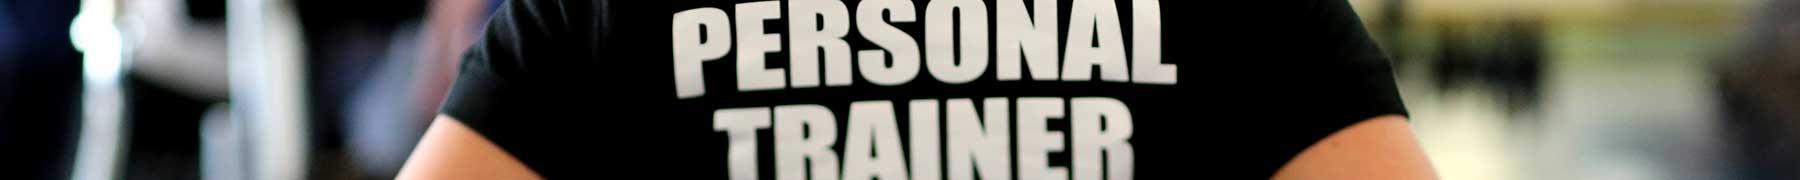 jo-burt-fitness-telford-personal-trainer-04.jpg